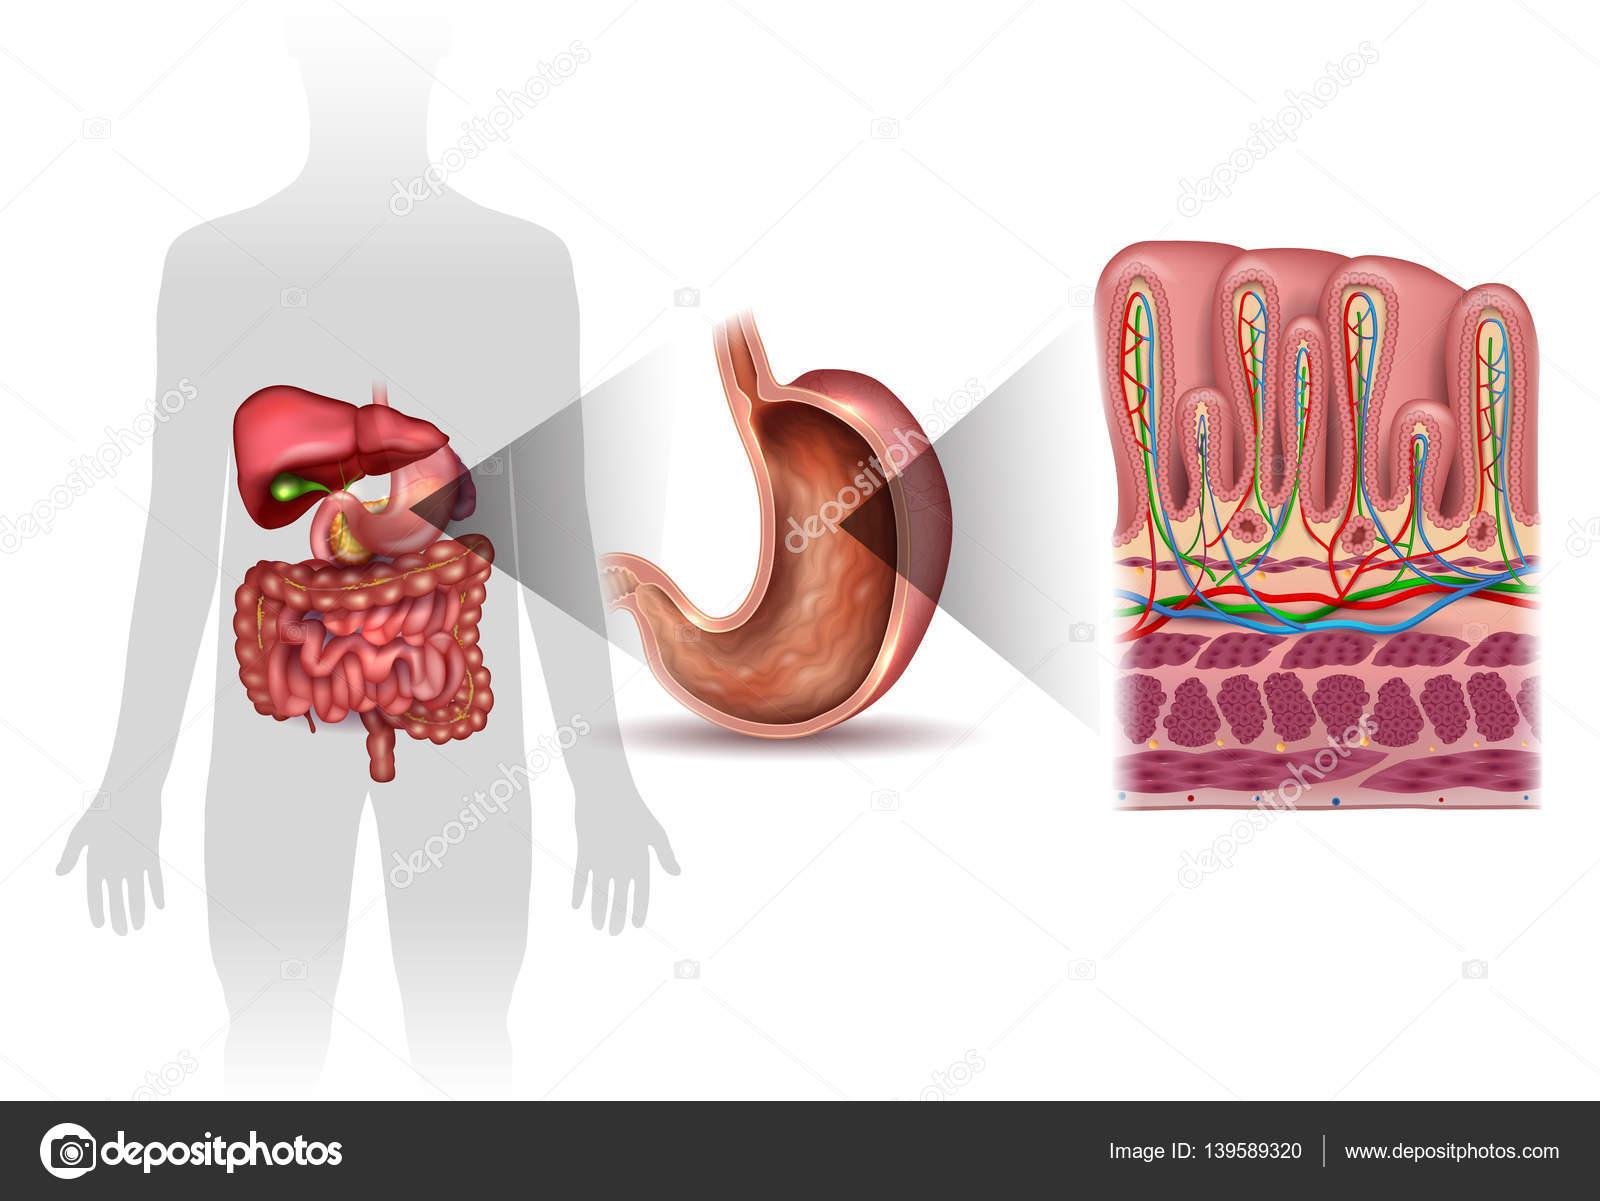 Capas de la pared del estómago anatomía detallada — Archivo Imágenes ...